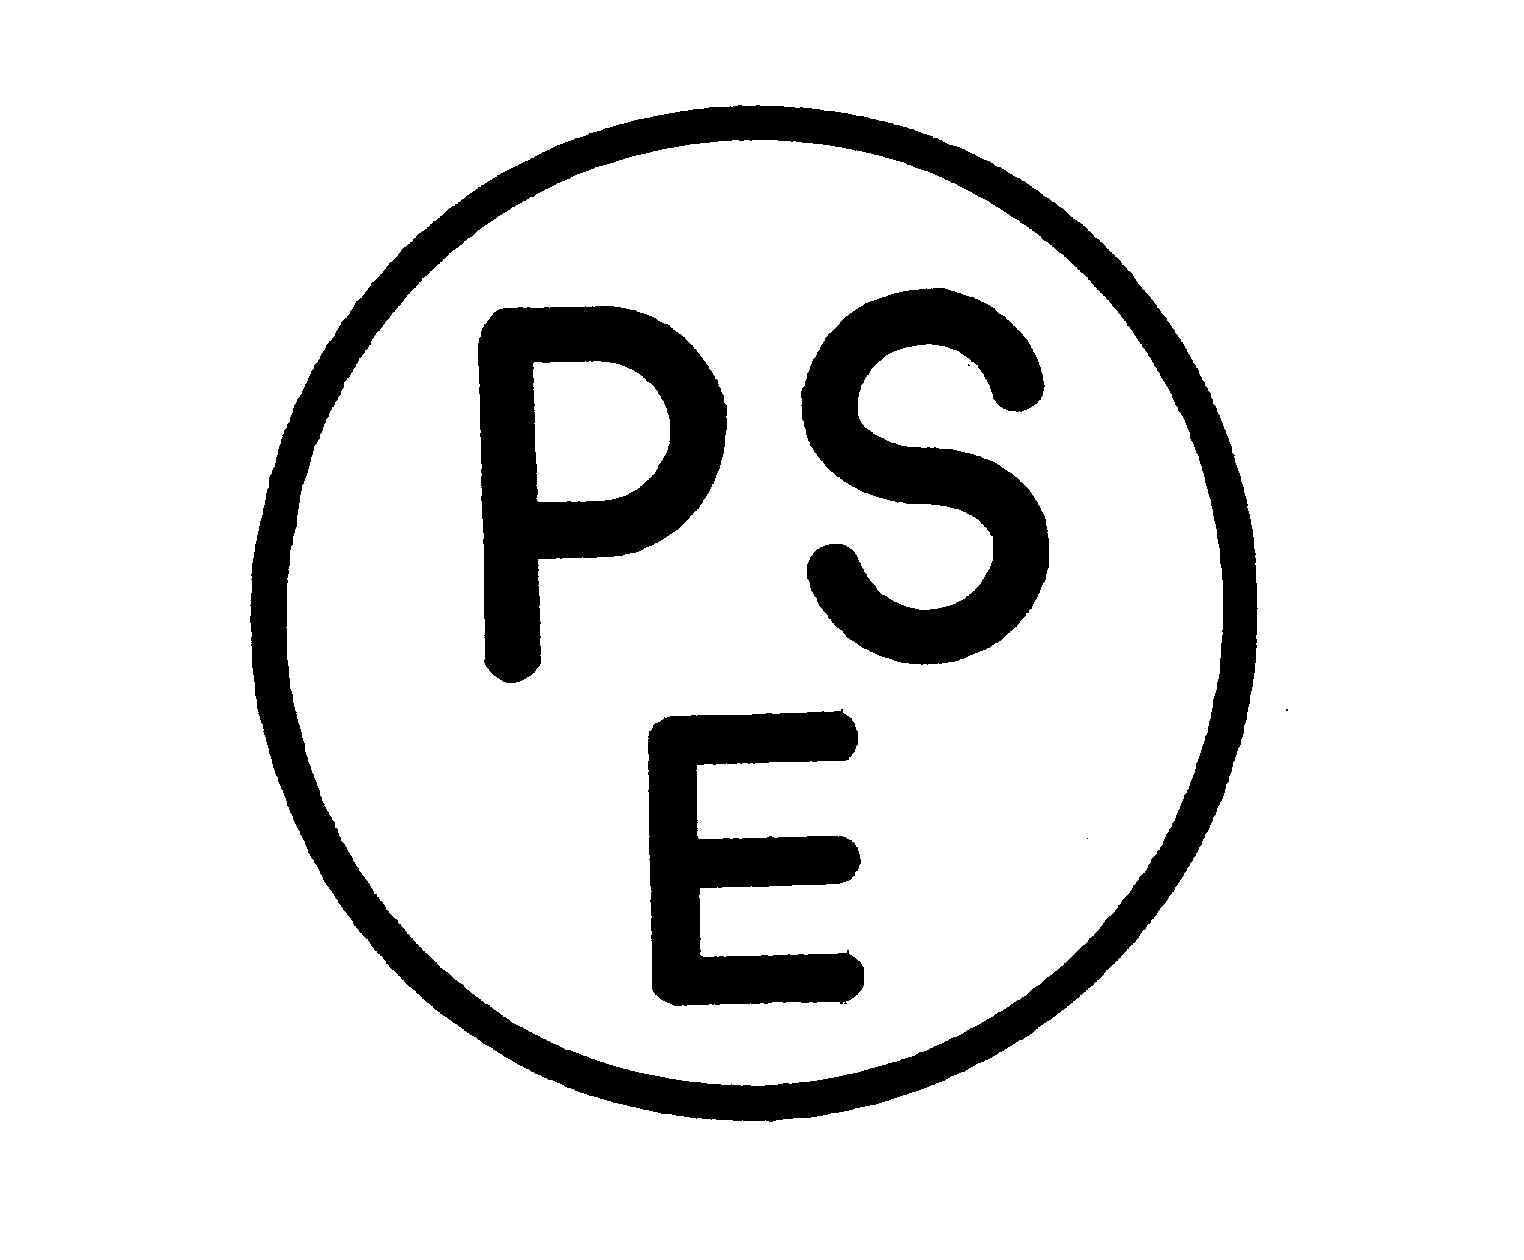 圆形PSE认证